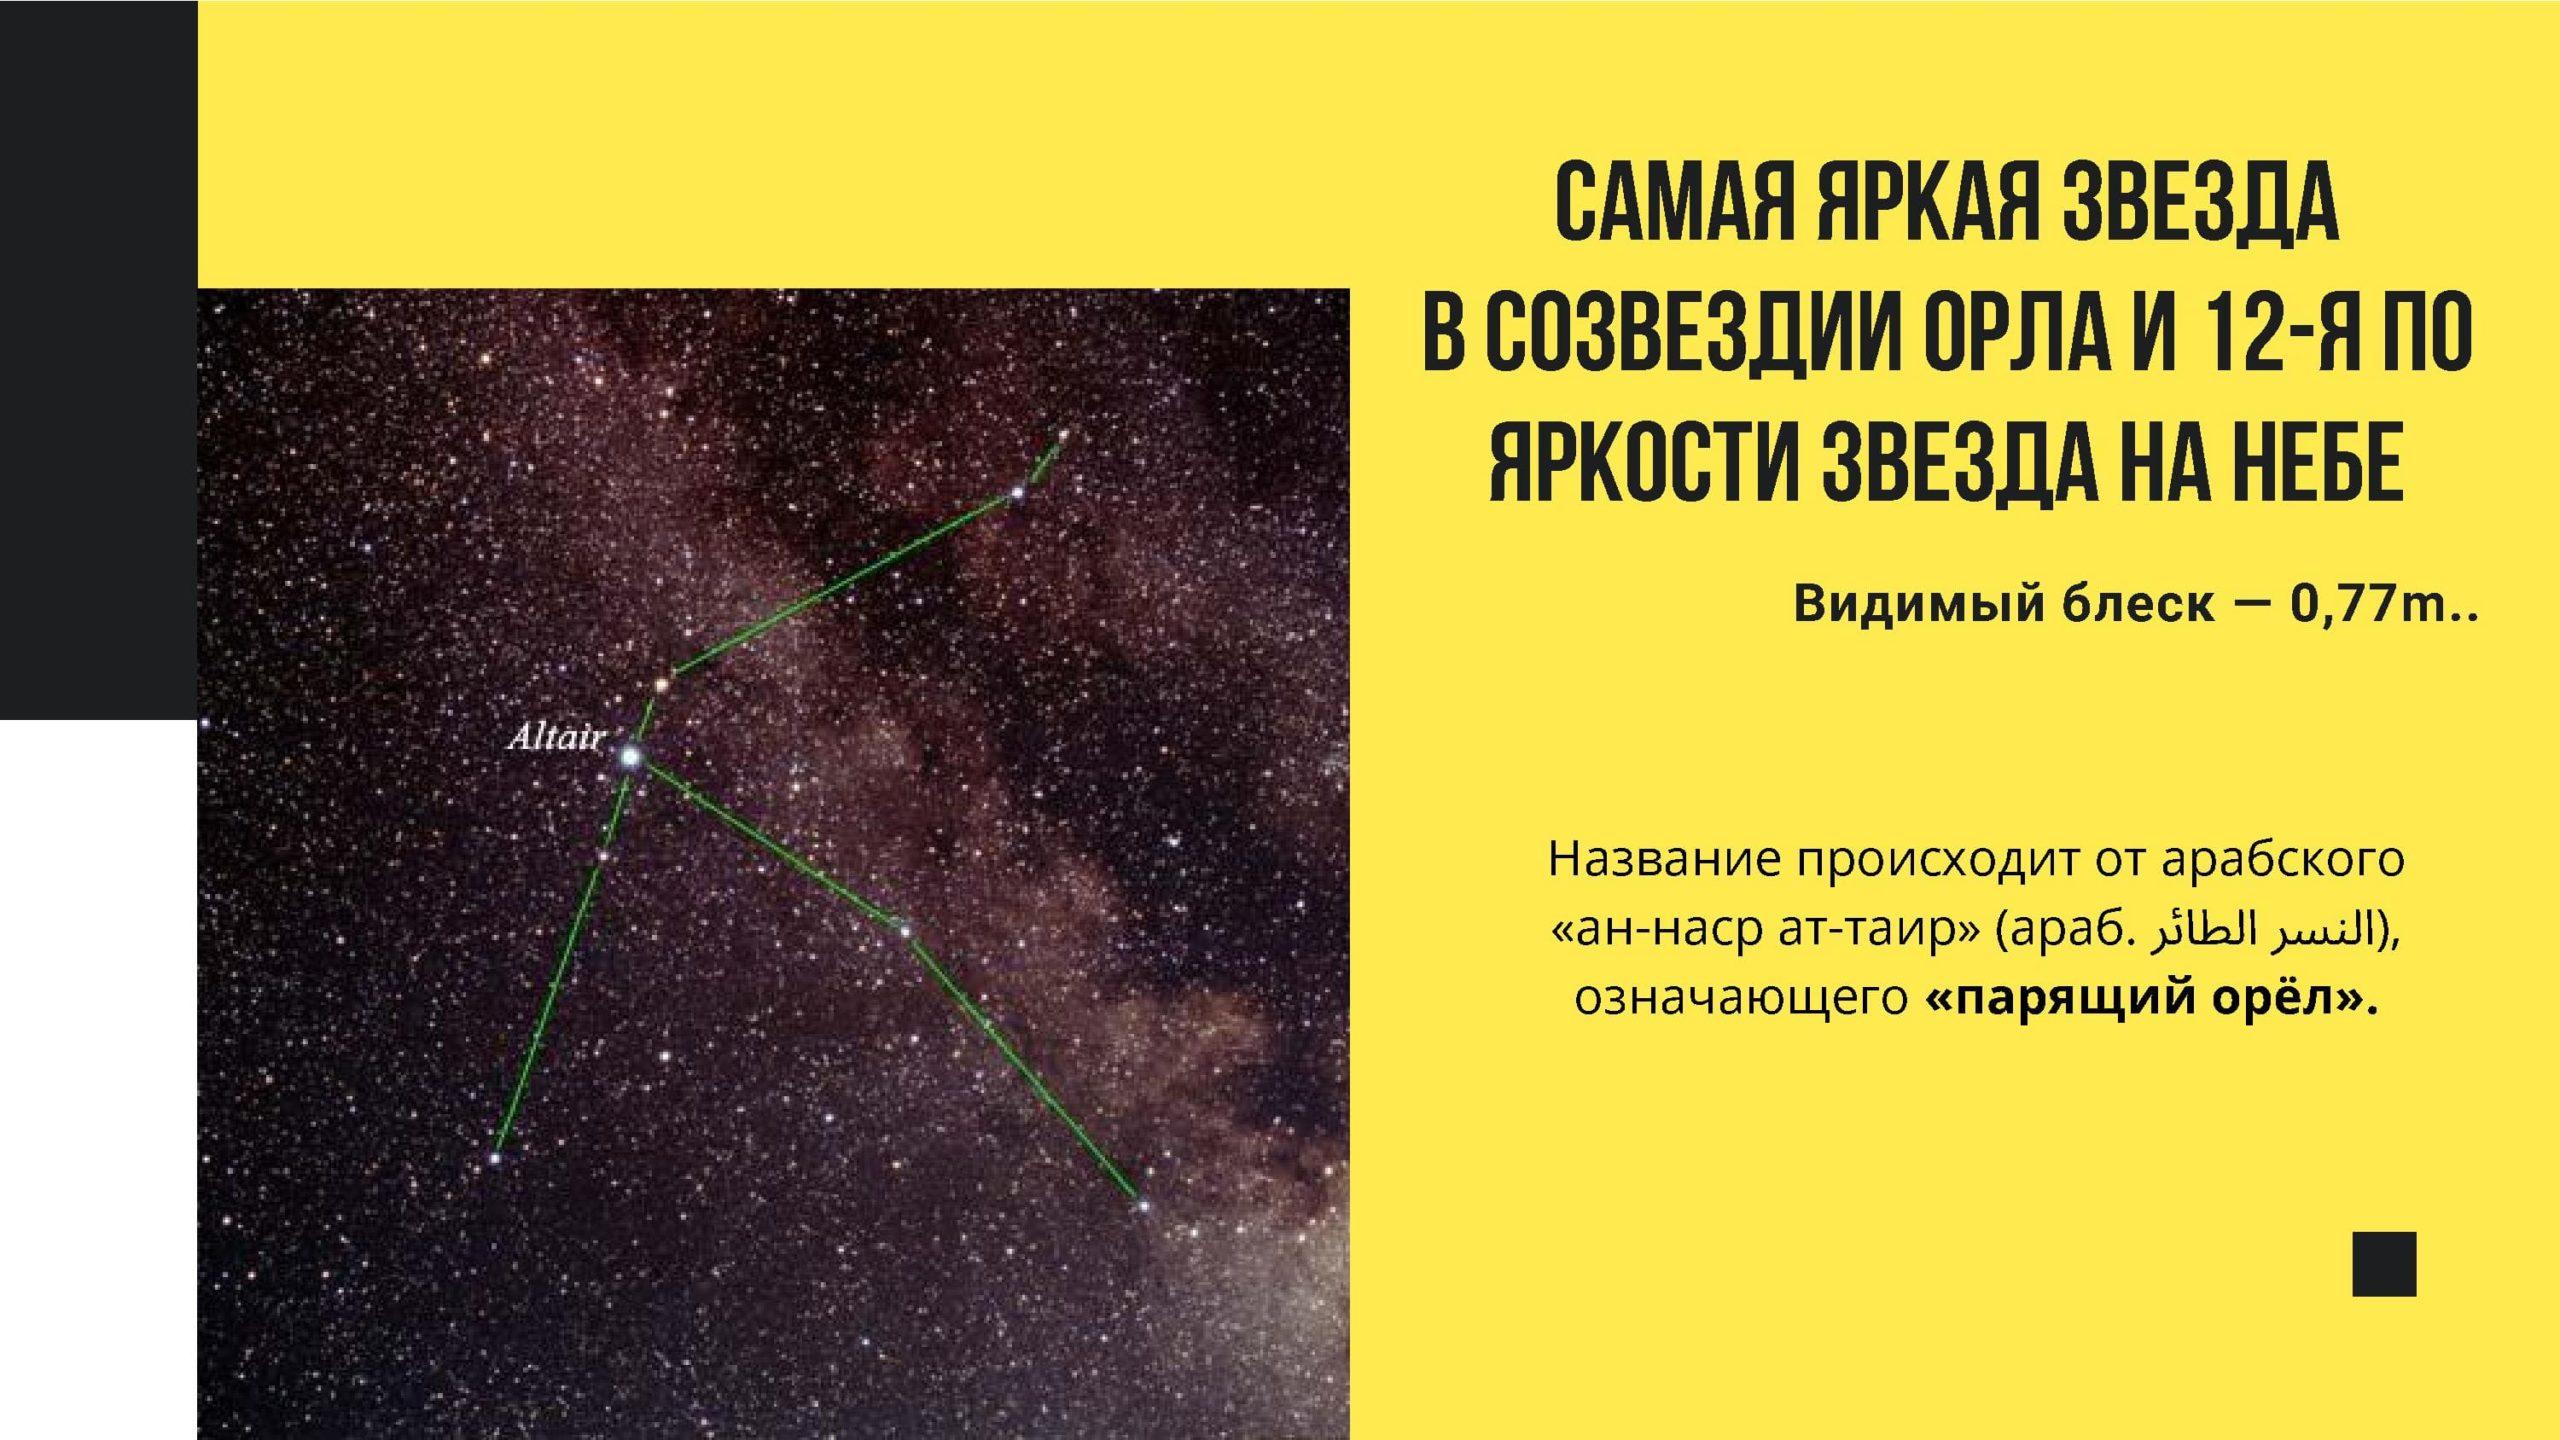 Самая яркая звезда в созвездии Орла и 12-я по яркости звезда на небе